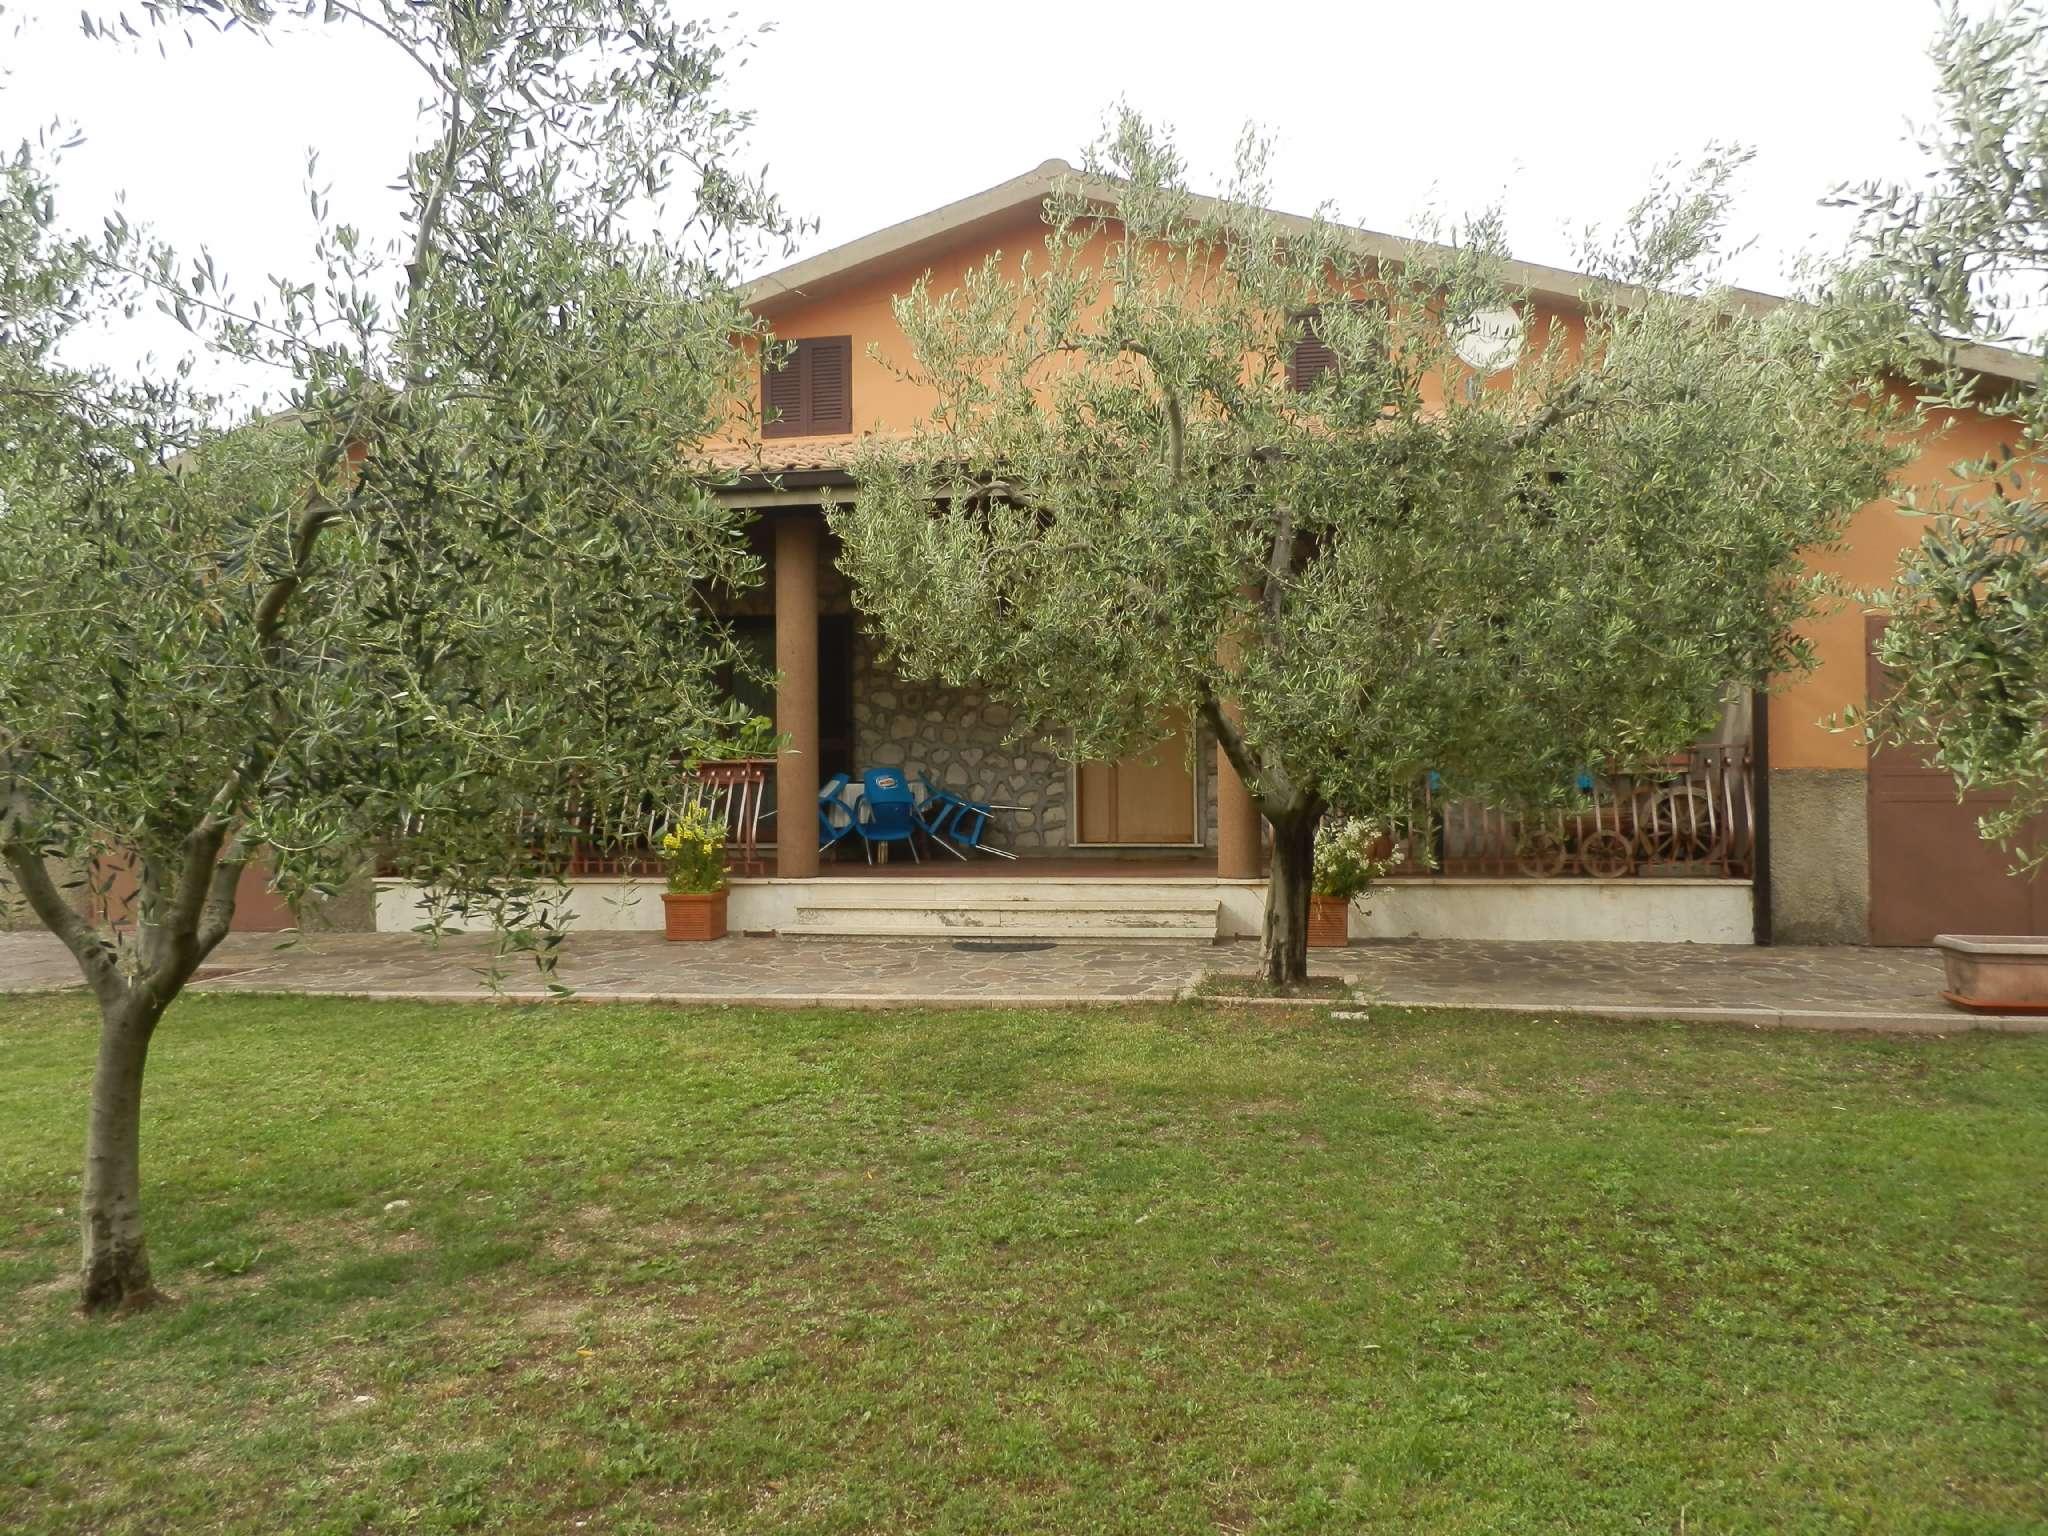 Villa in vendita a Poggio Moiano, 9999 locali, prezzo € 340.000 | CambioCasa.it